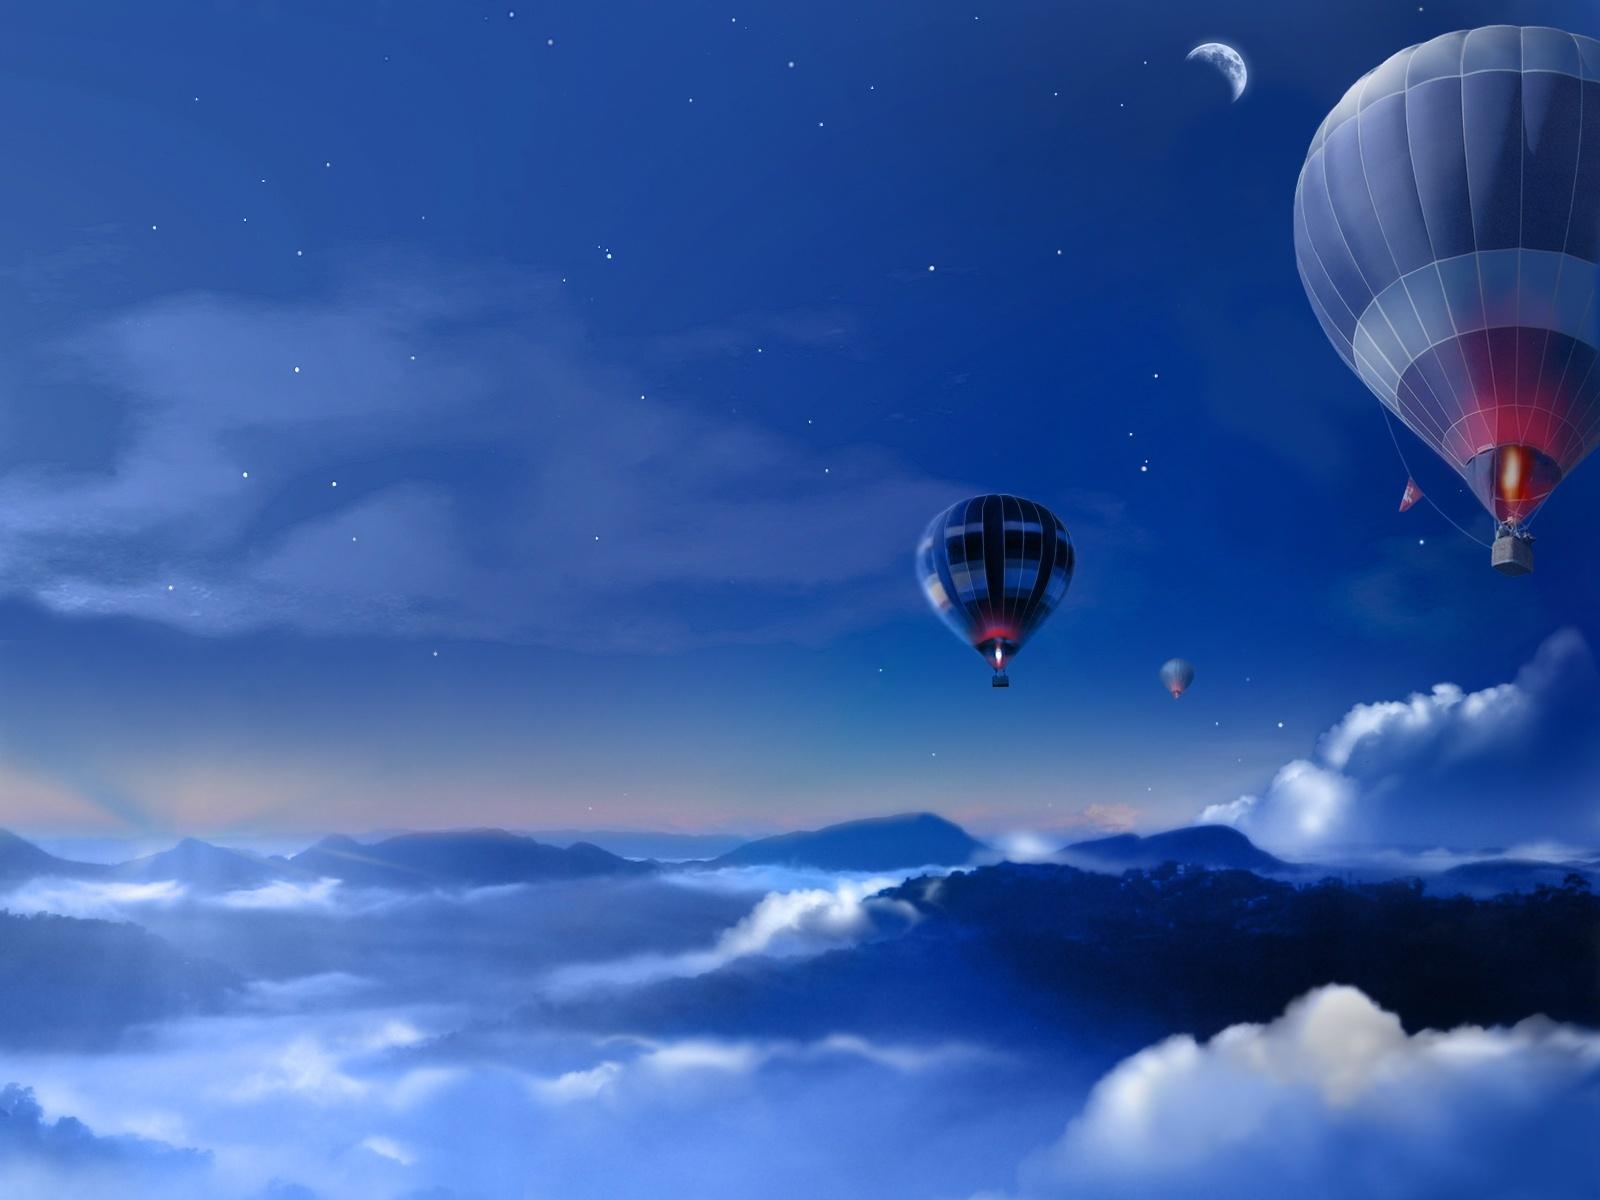 16927 скачать обои Пейзаж, Небо, Ночь, Рисунки, Воздушные Шары - заставки и картинки бесплатно